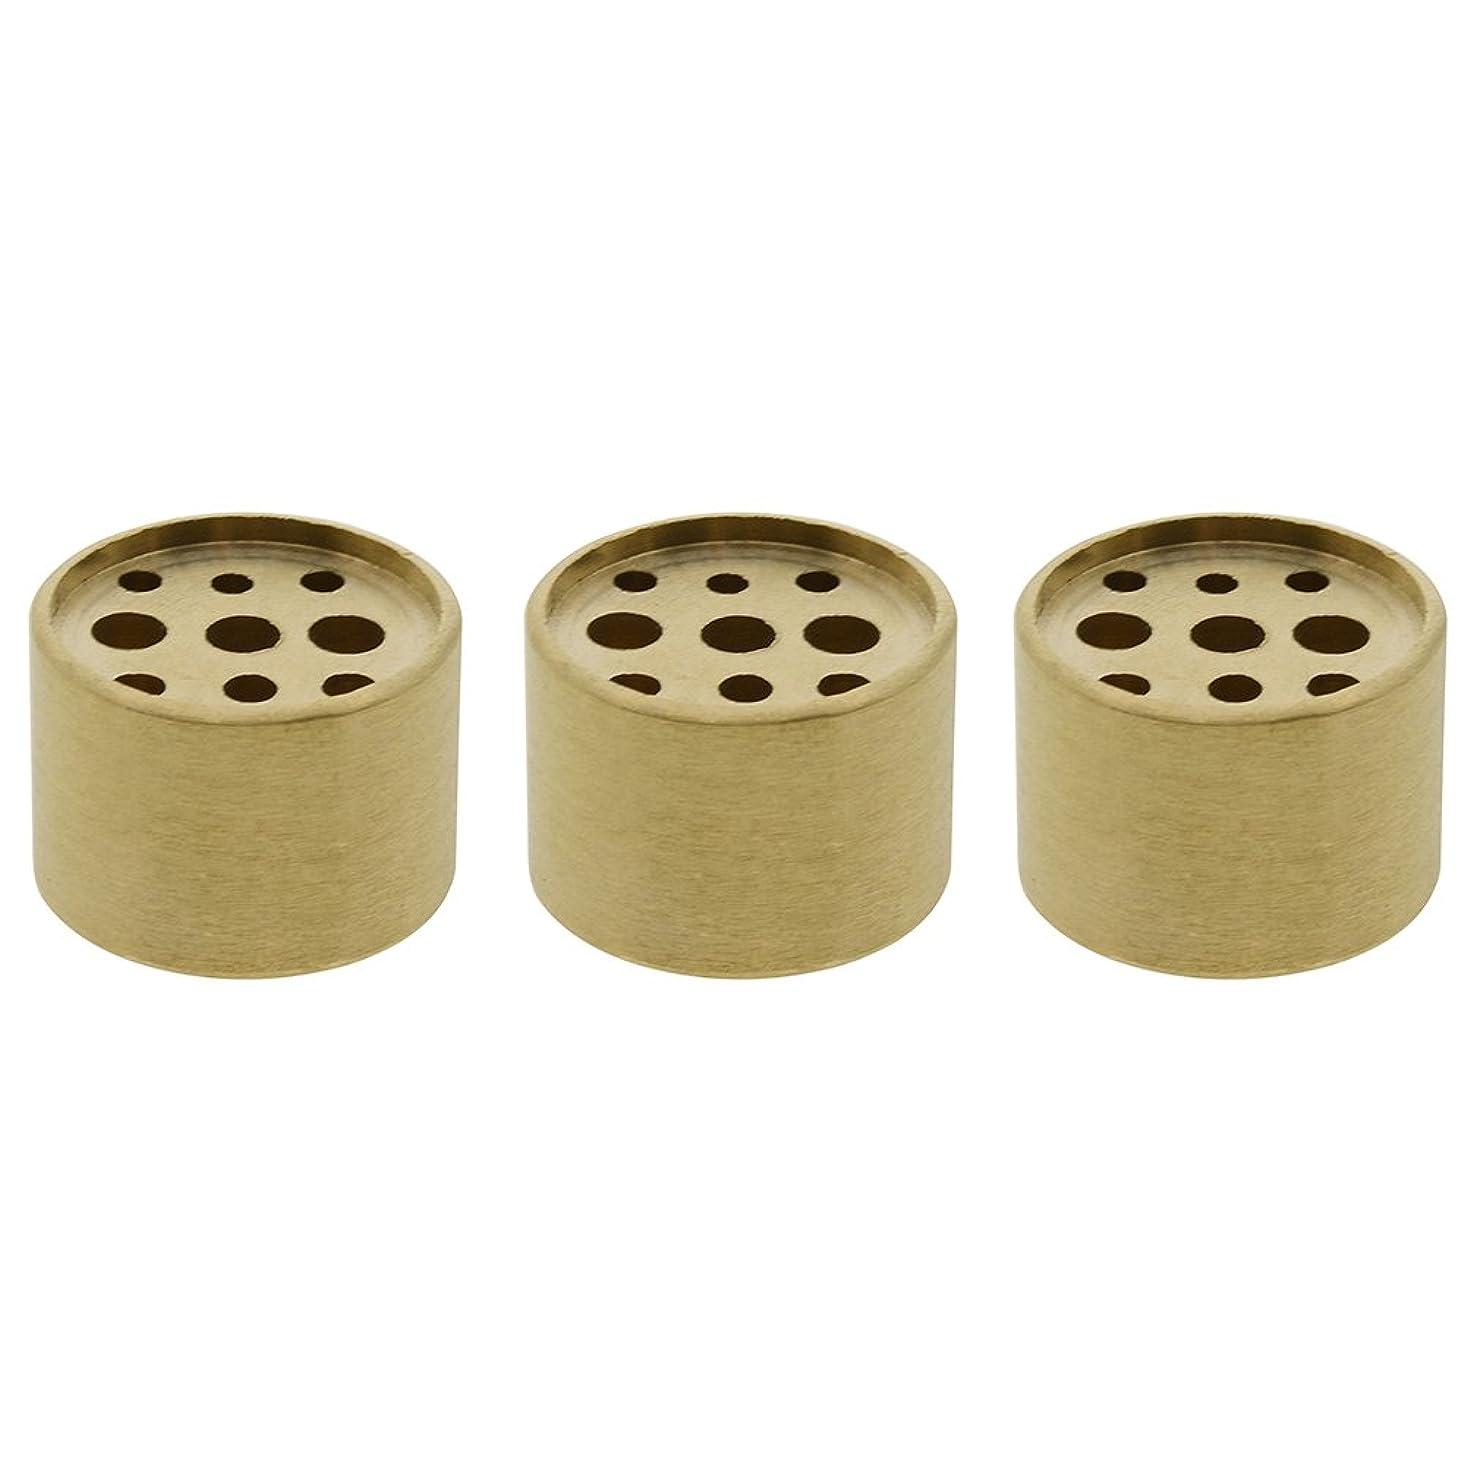 ハドル引数アンタゴニストSaim 3個Fine銅円柱形状Incenseホルダー9穴真鍮LotusスティックBurner for Incense